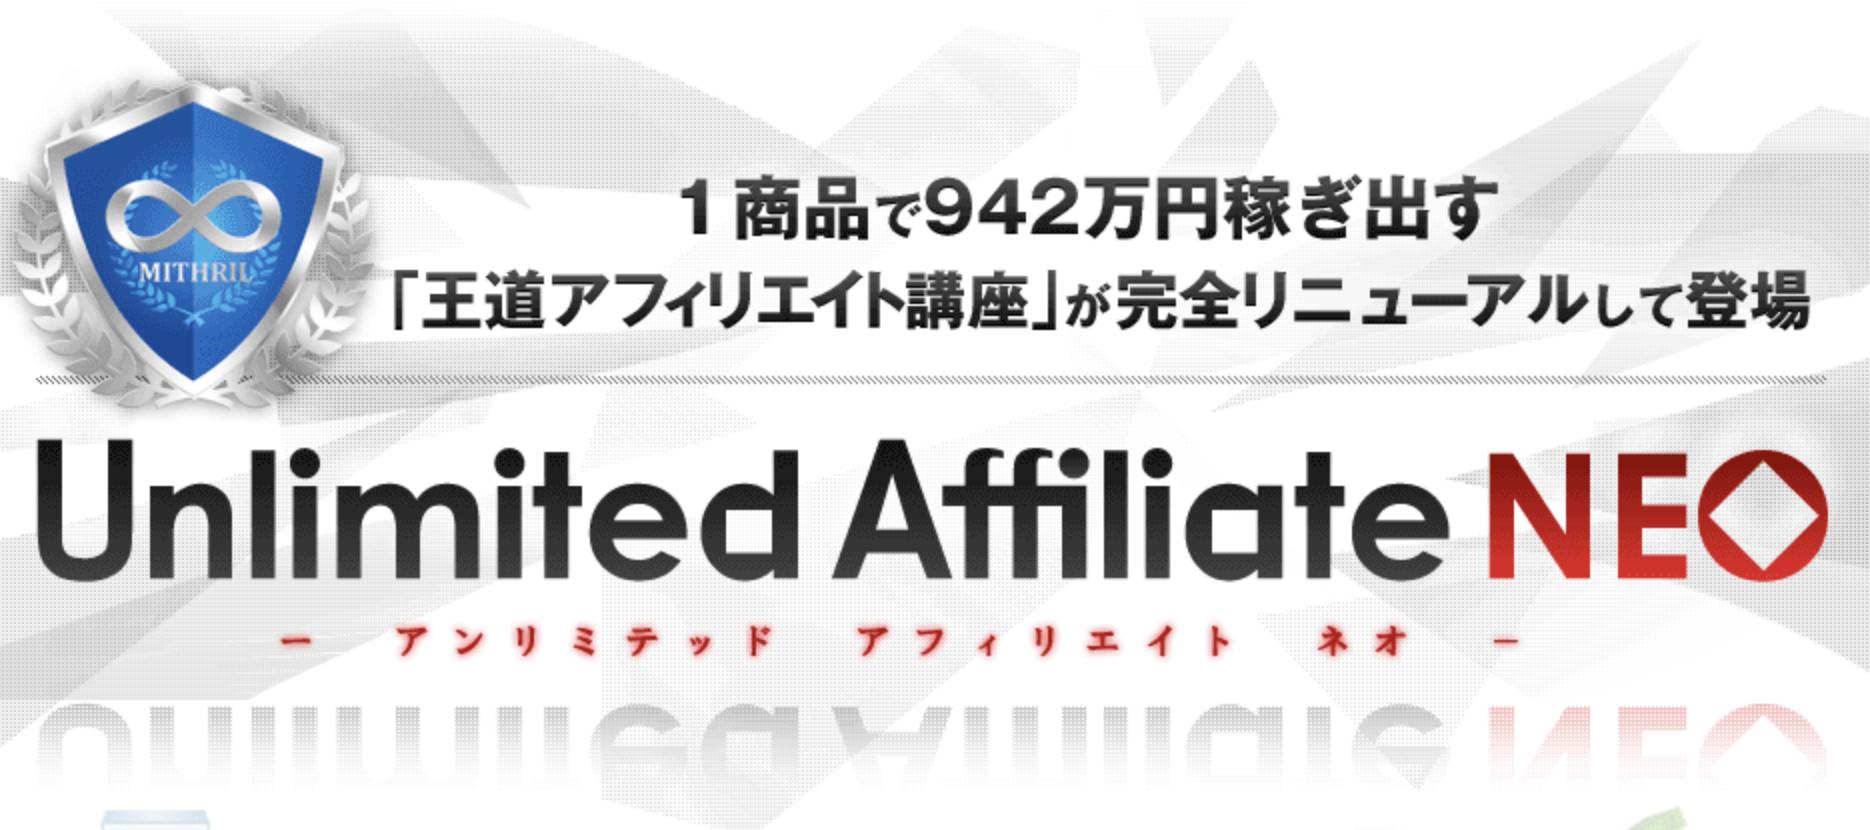 アンリミテッドアフィリエイトネオ(Unlimited Affiliate Neo)の特典付き購入はこちら!